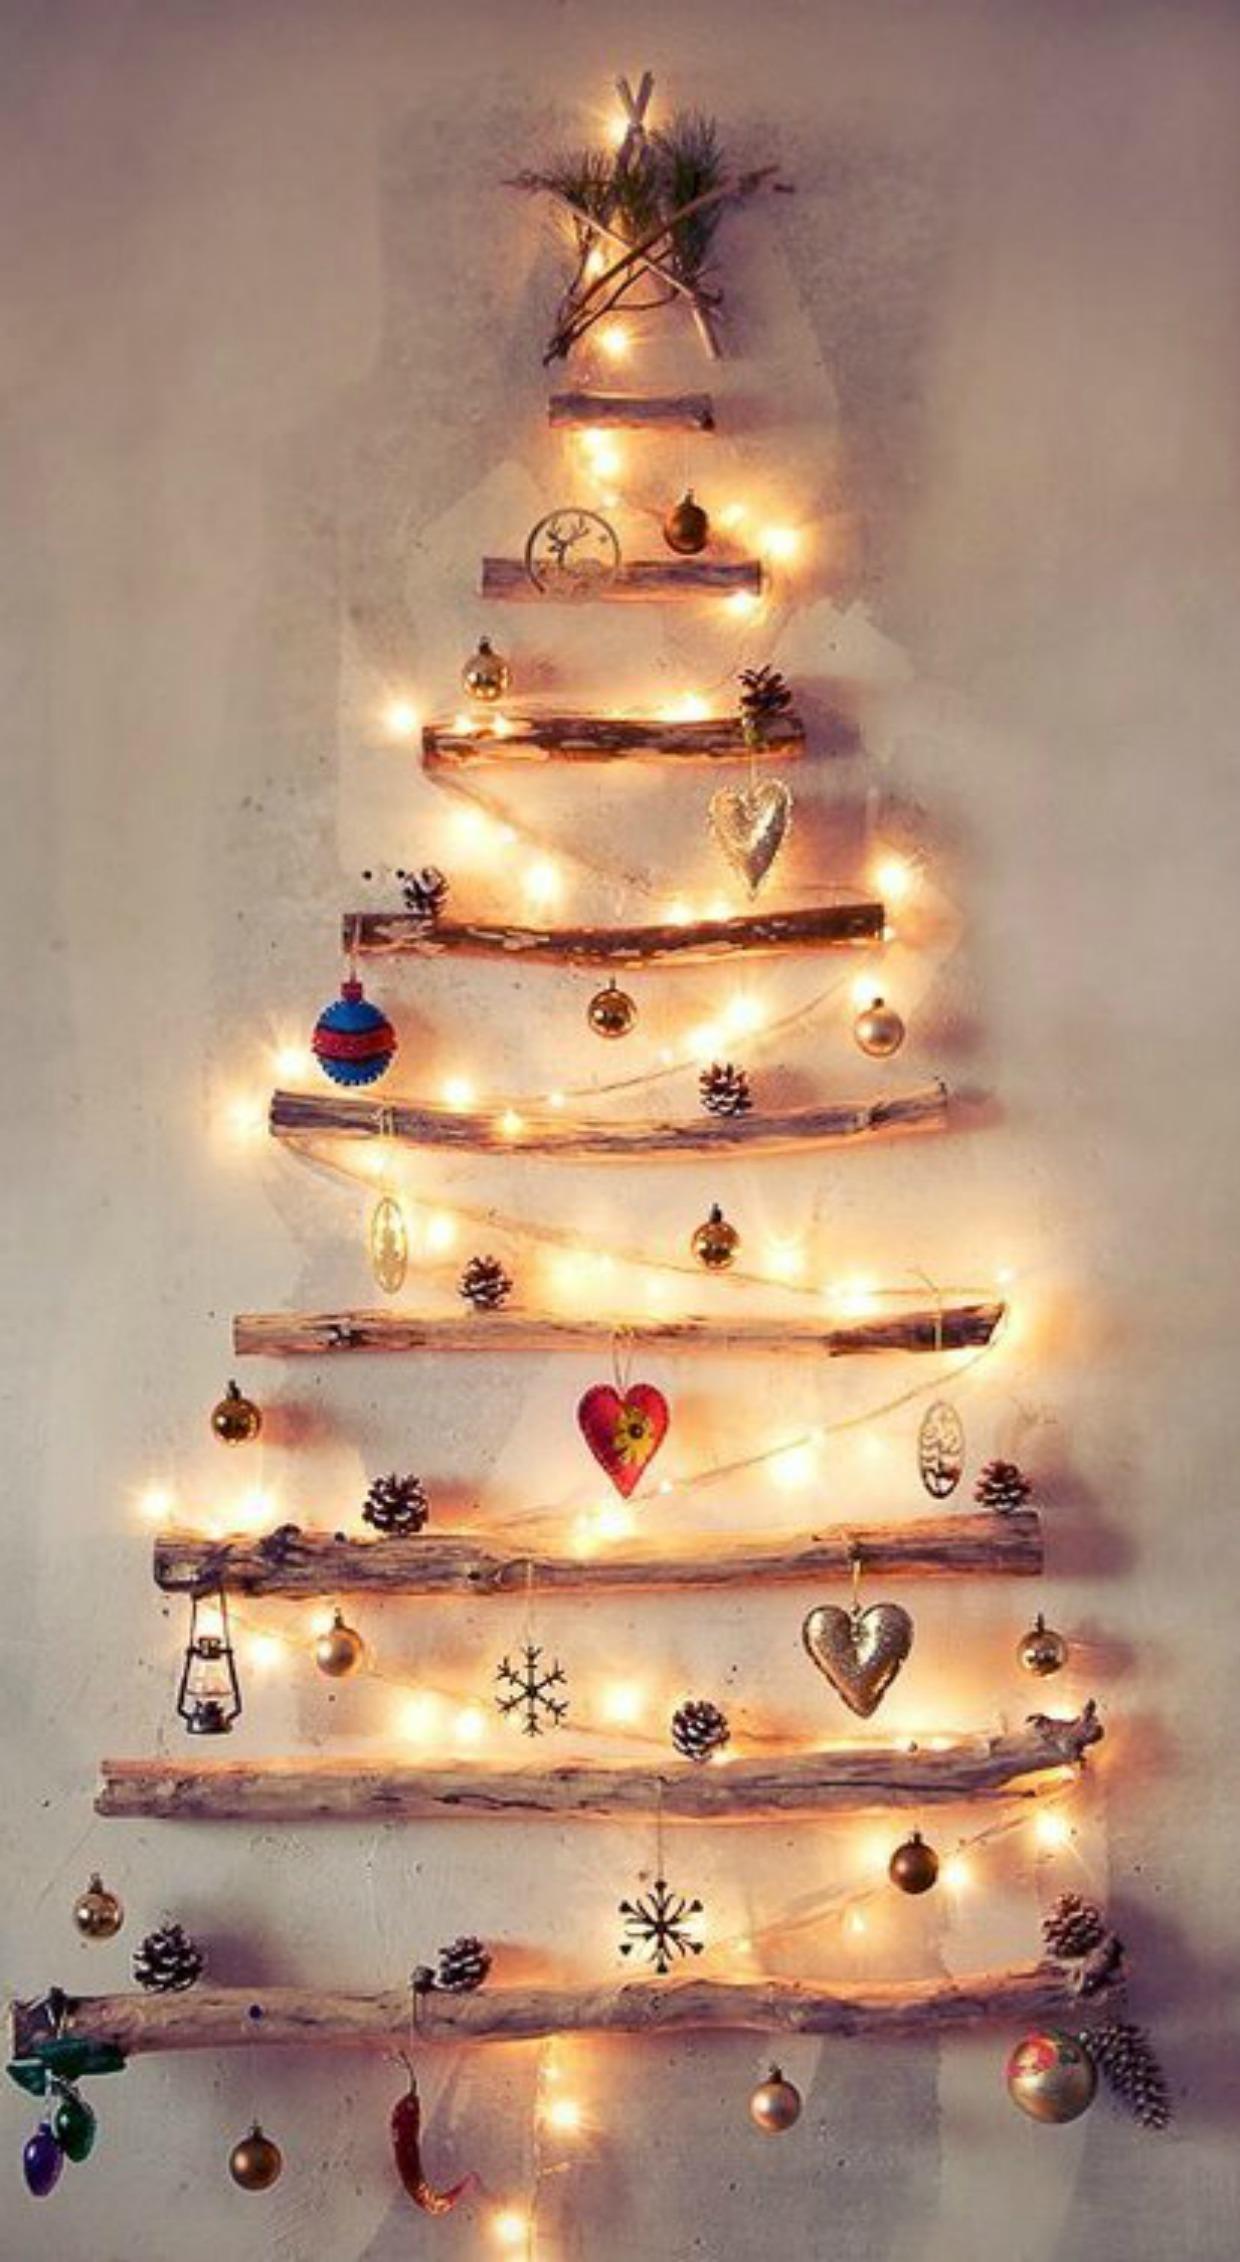 Η 2η κατασκευή! Αν επιλέξετε αυτόν τον τρόπο διακόσμησης μπορείτε να μη στολίσετε κανονικό χριστουγεννιάτικο δέντρο!